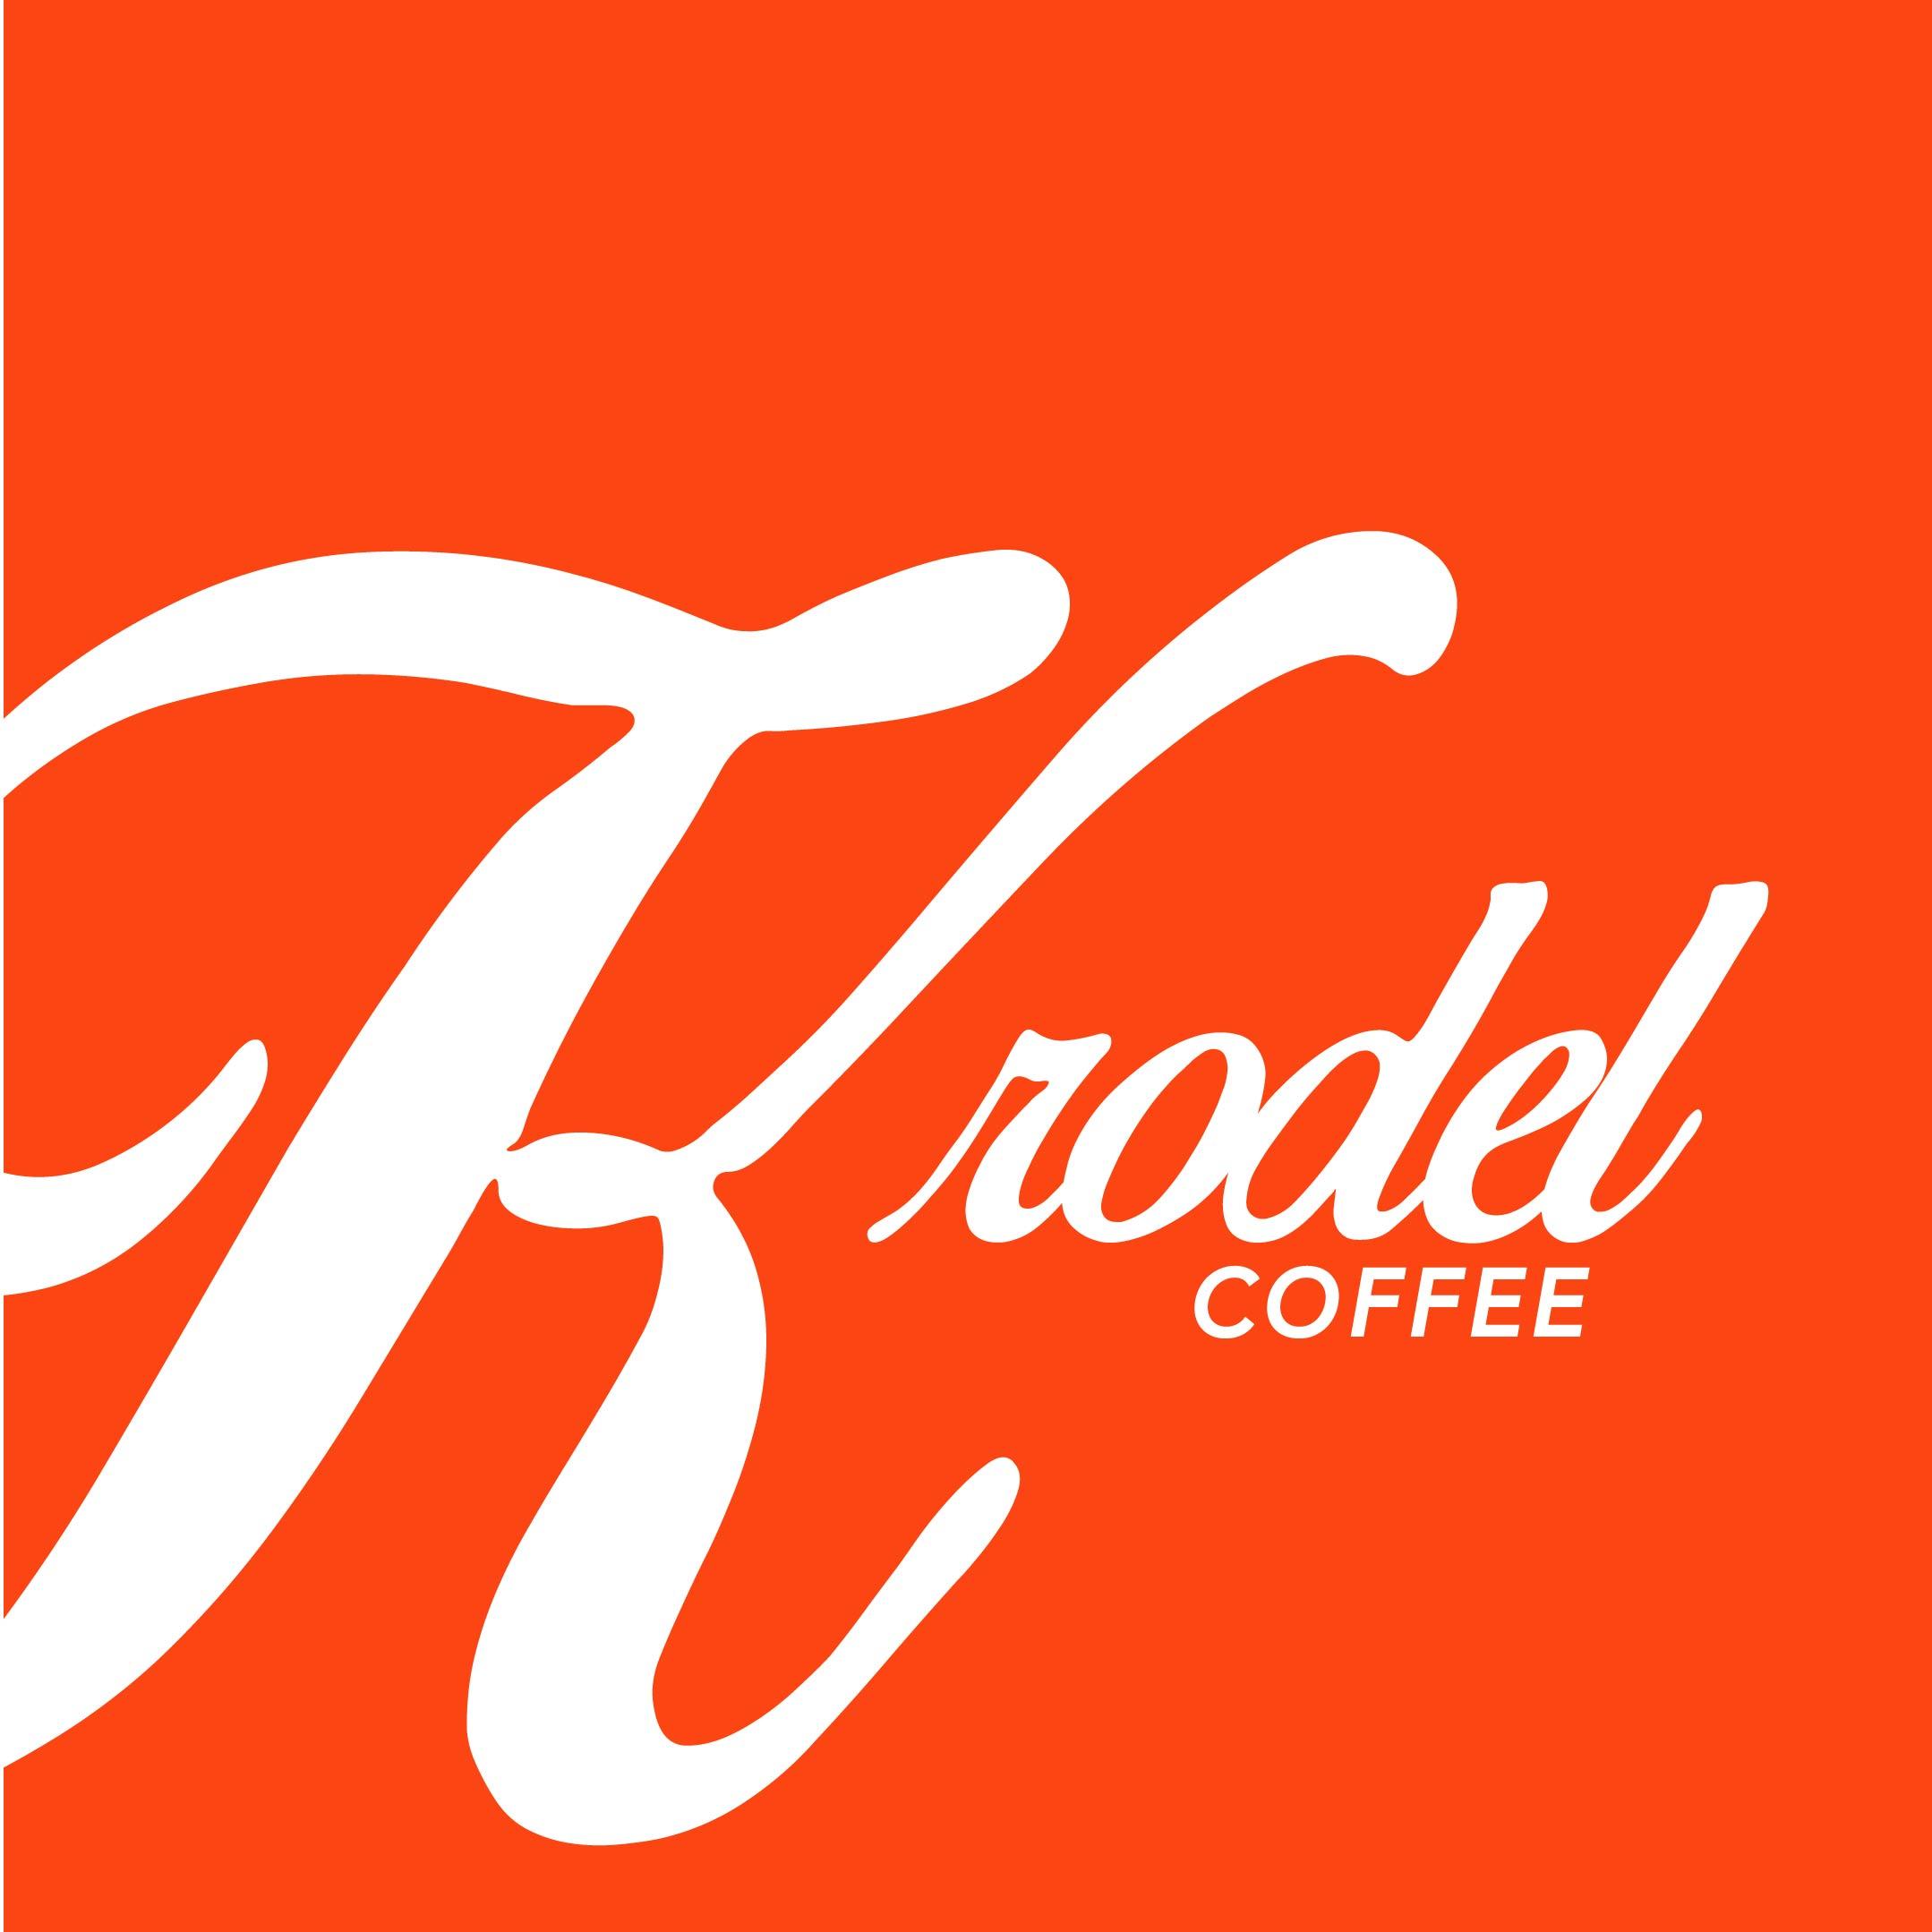 KRODEL_Vending3-01